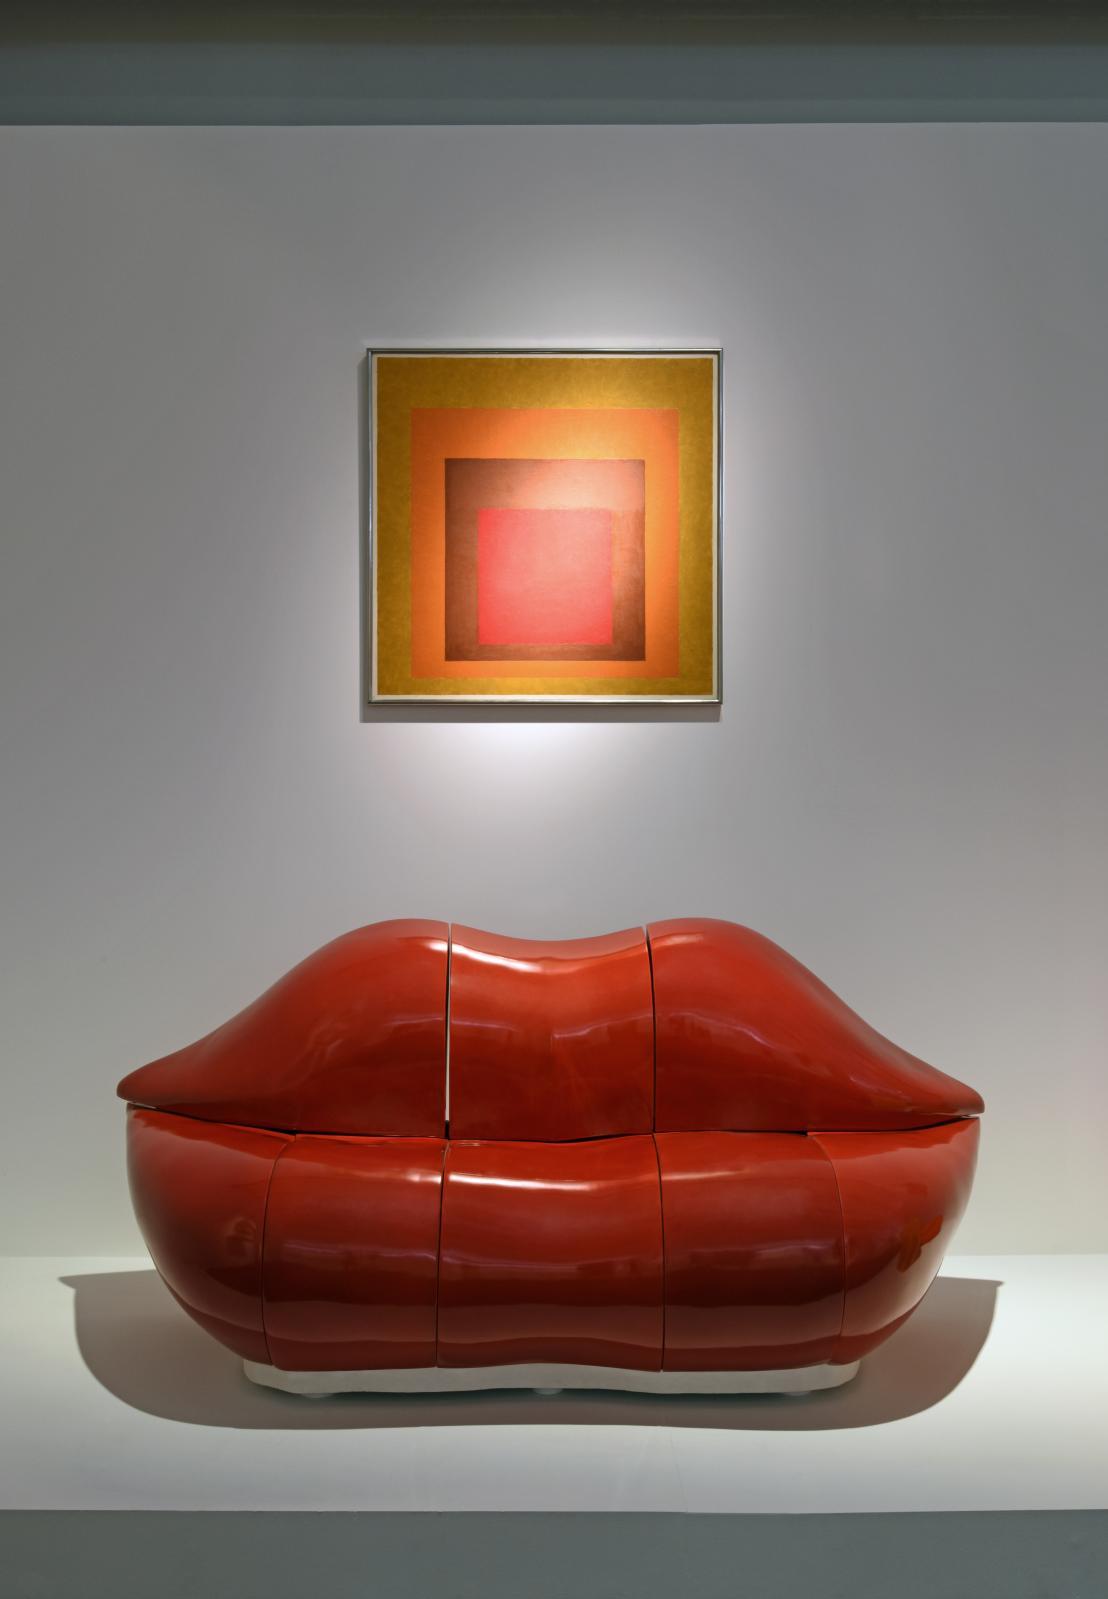 Bertrand Lavier(né en 1949), La Bocca, 2007, porcelaine de Sèvres, 80x80x170cm, et Josef Albers(1888-1976), Affectionate (Homage to the Square)